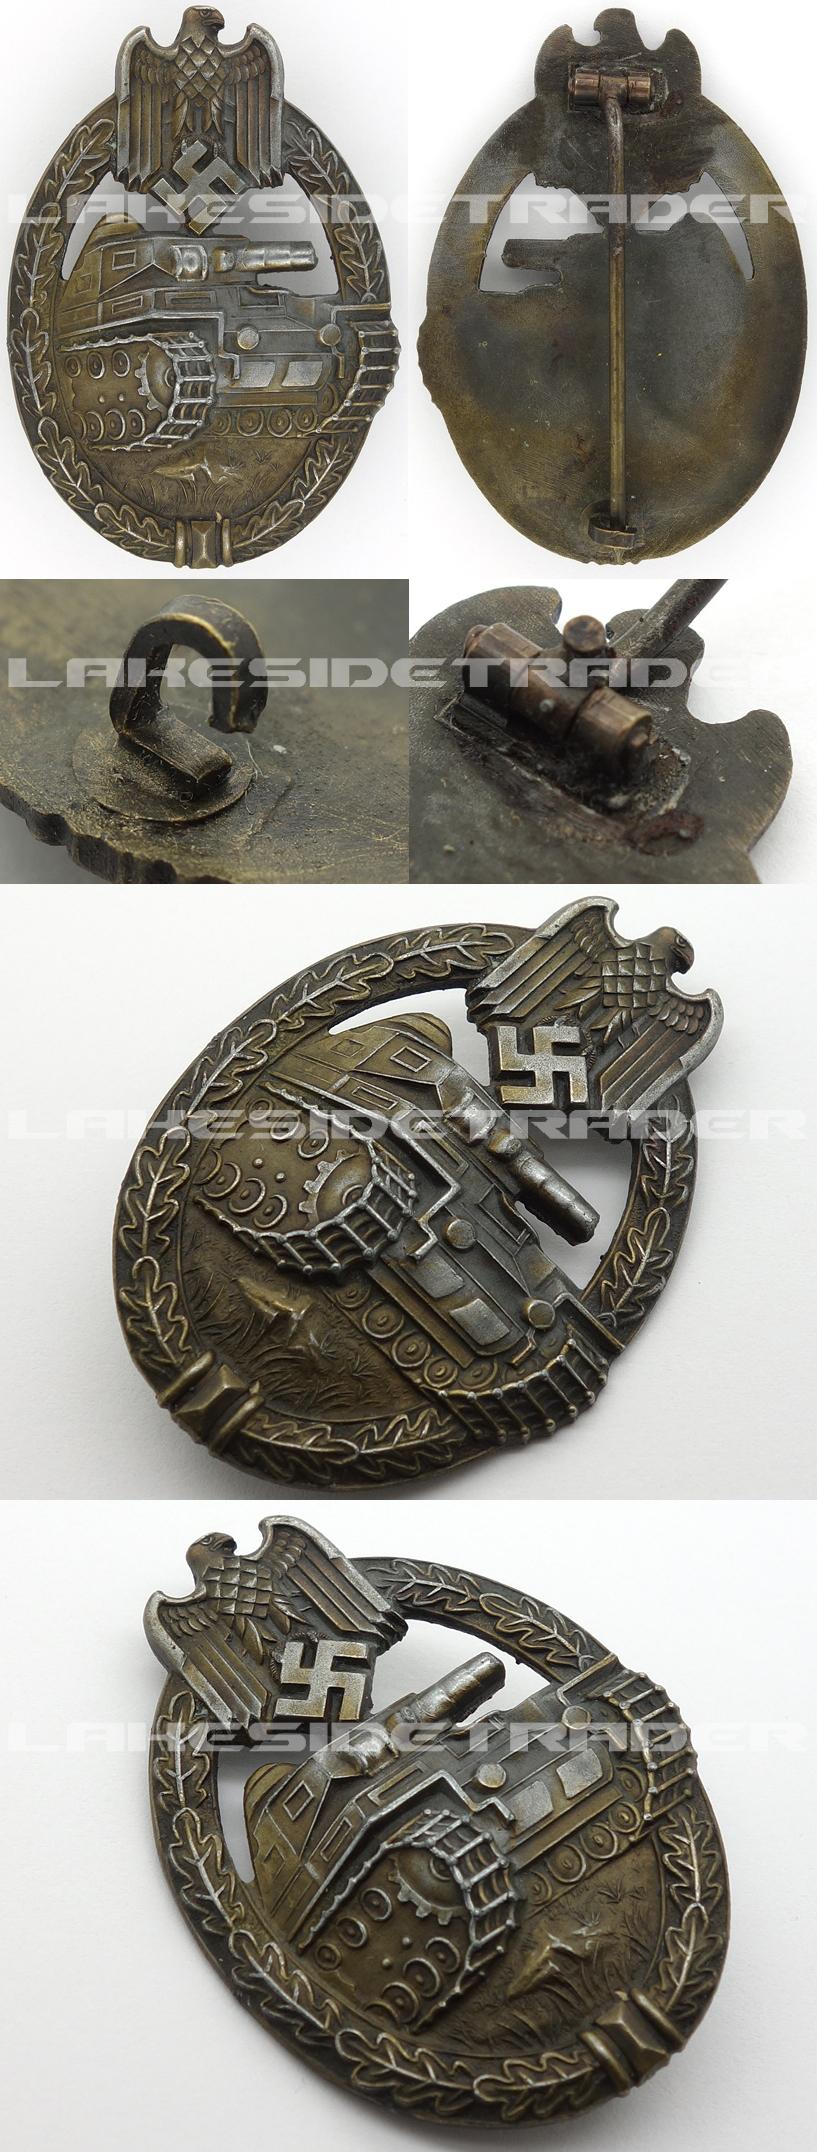 Seven Wheel Panzer Assault Badge in Bronze